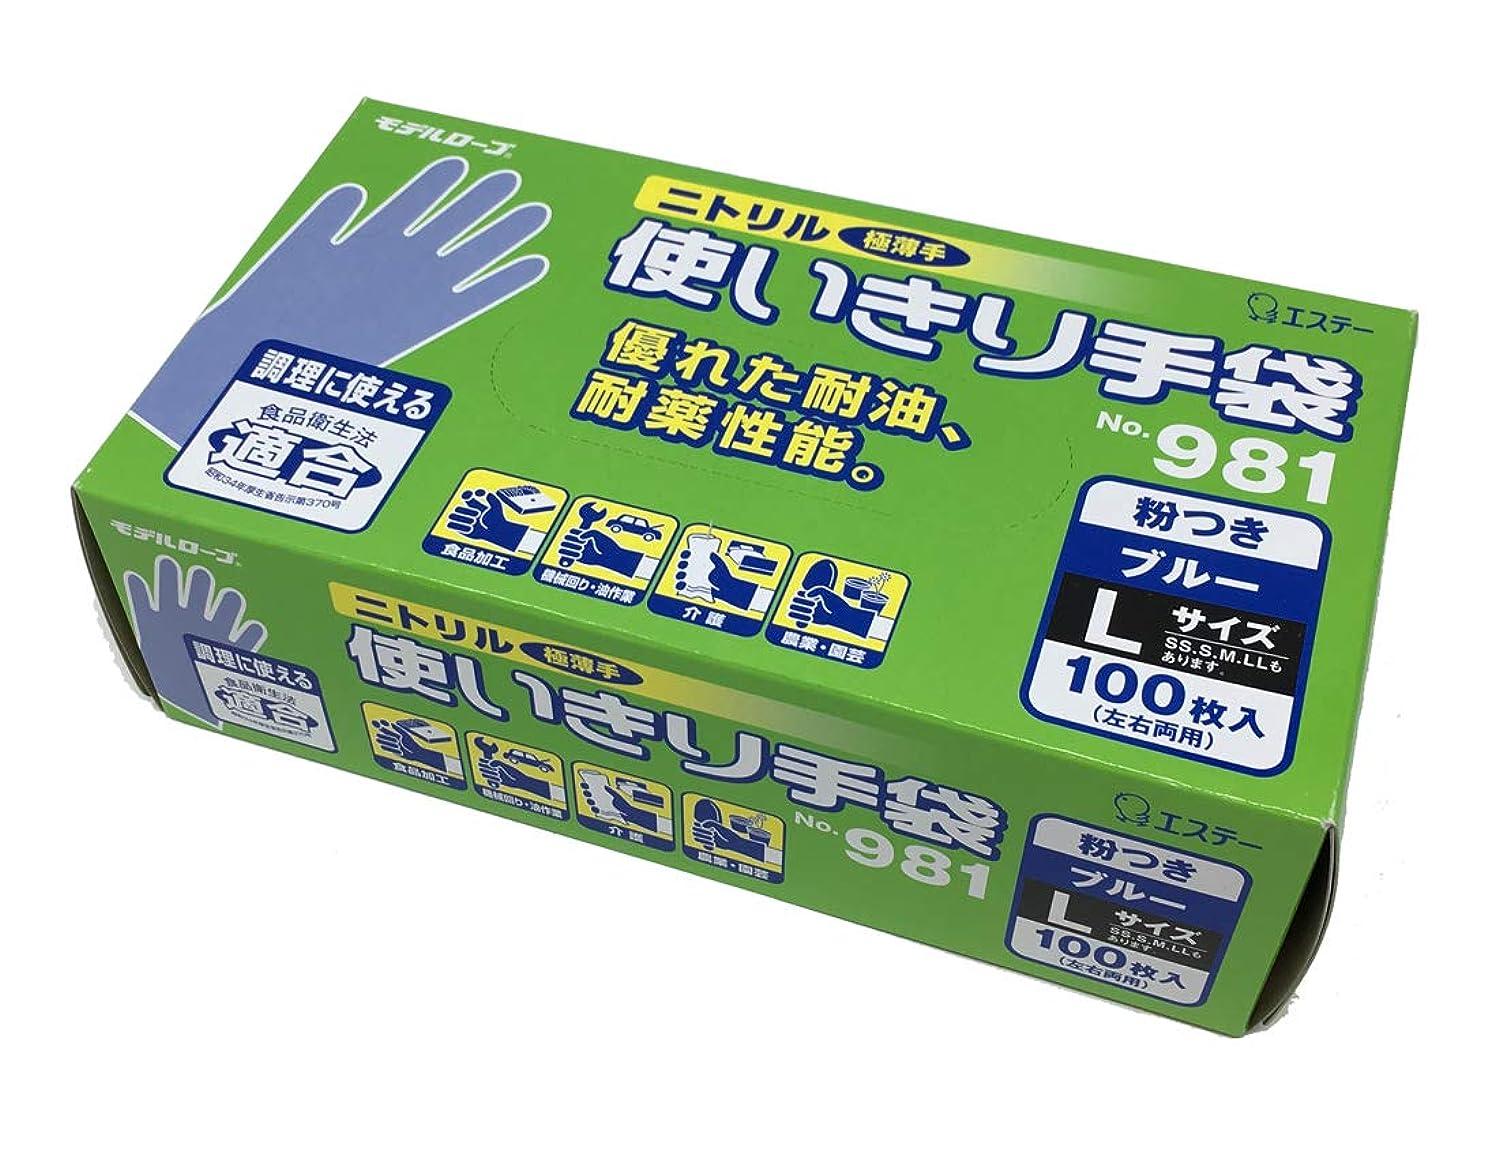 範囲ベーコン四エステー 二トリル手袋 粉付(100枚入)L ブルー No.981